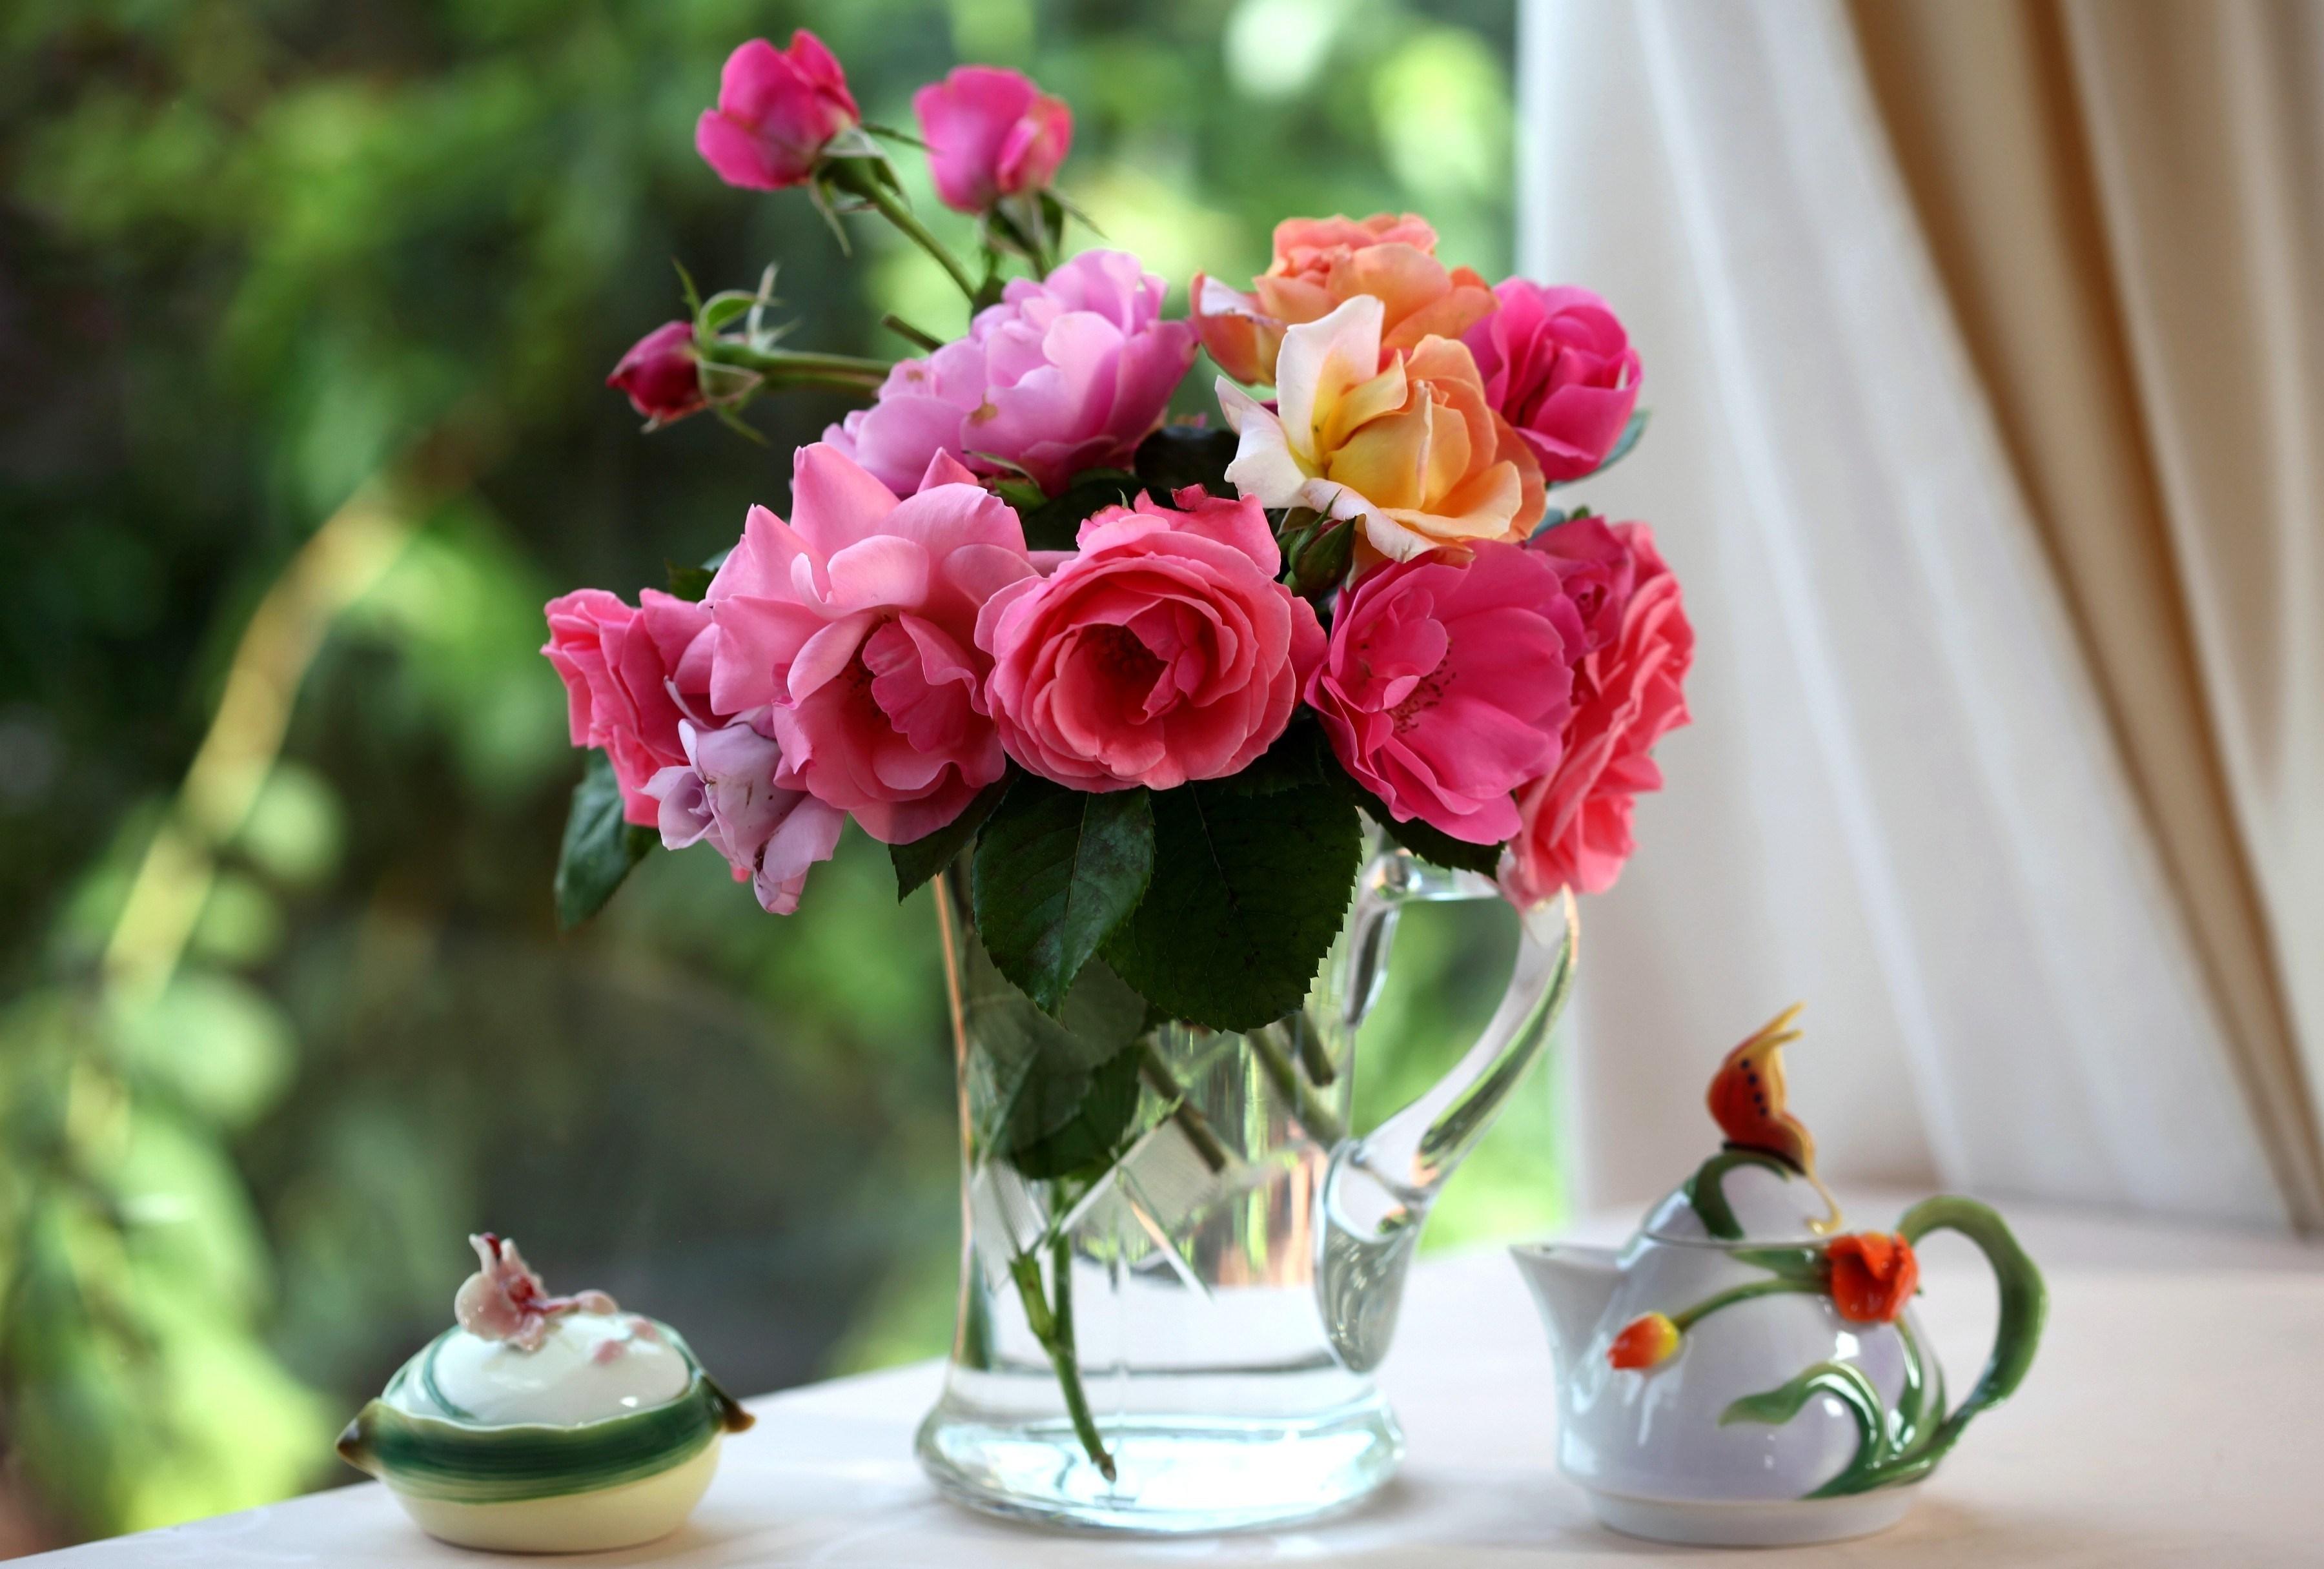 цветы ваза букет посуда flowers vase bouquet dishes  № 1733818 бесплатно